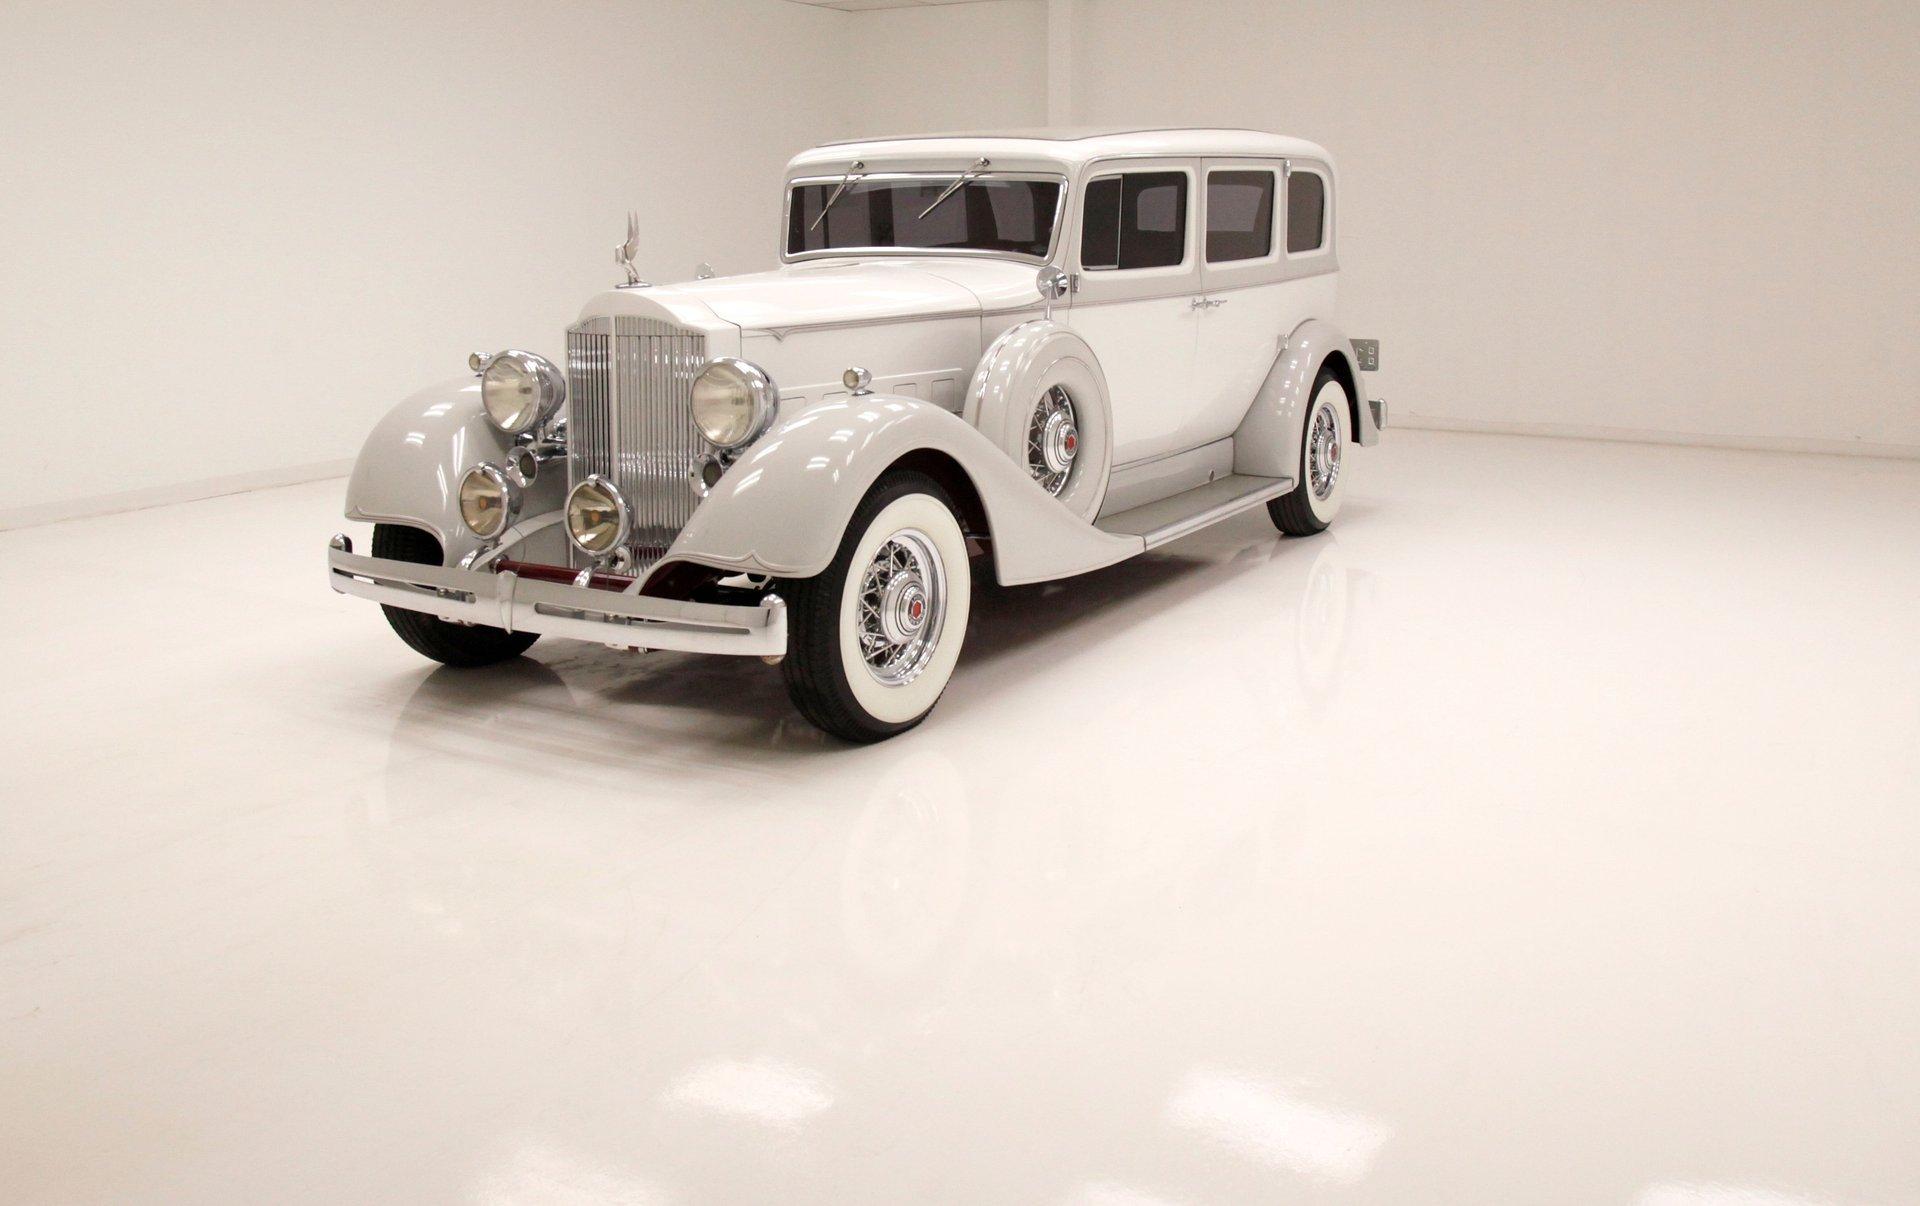 1934 Packard Model 1107